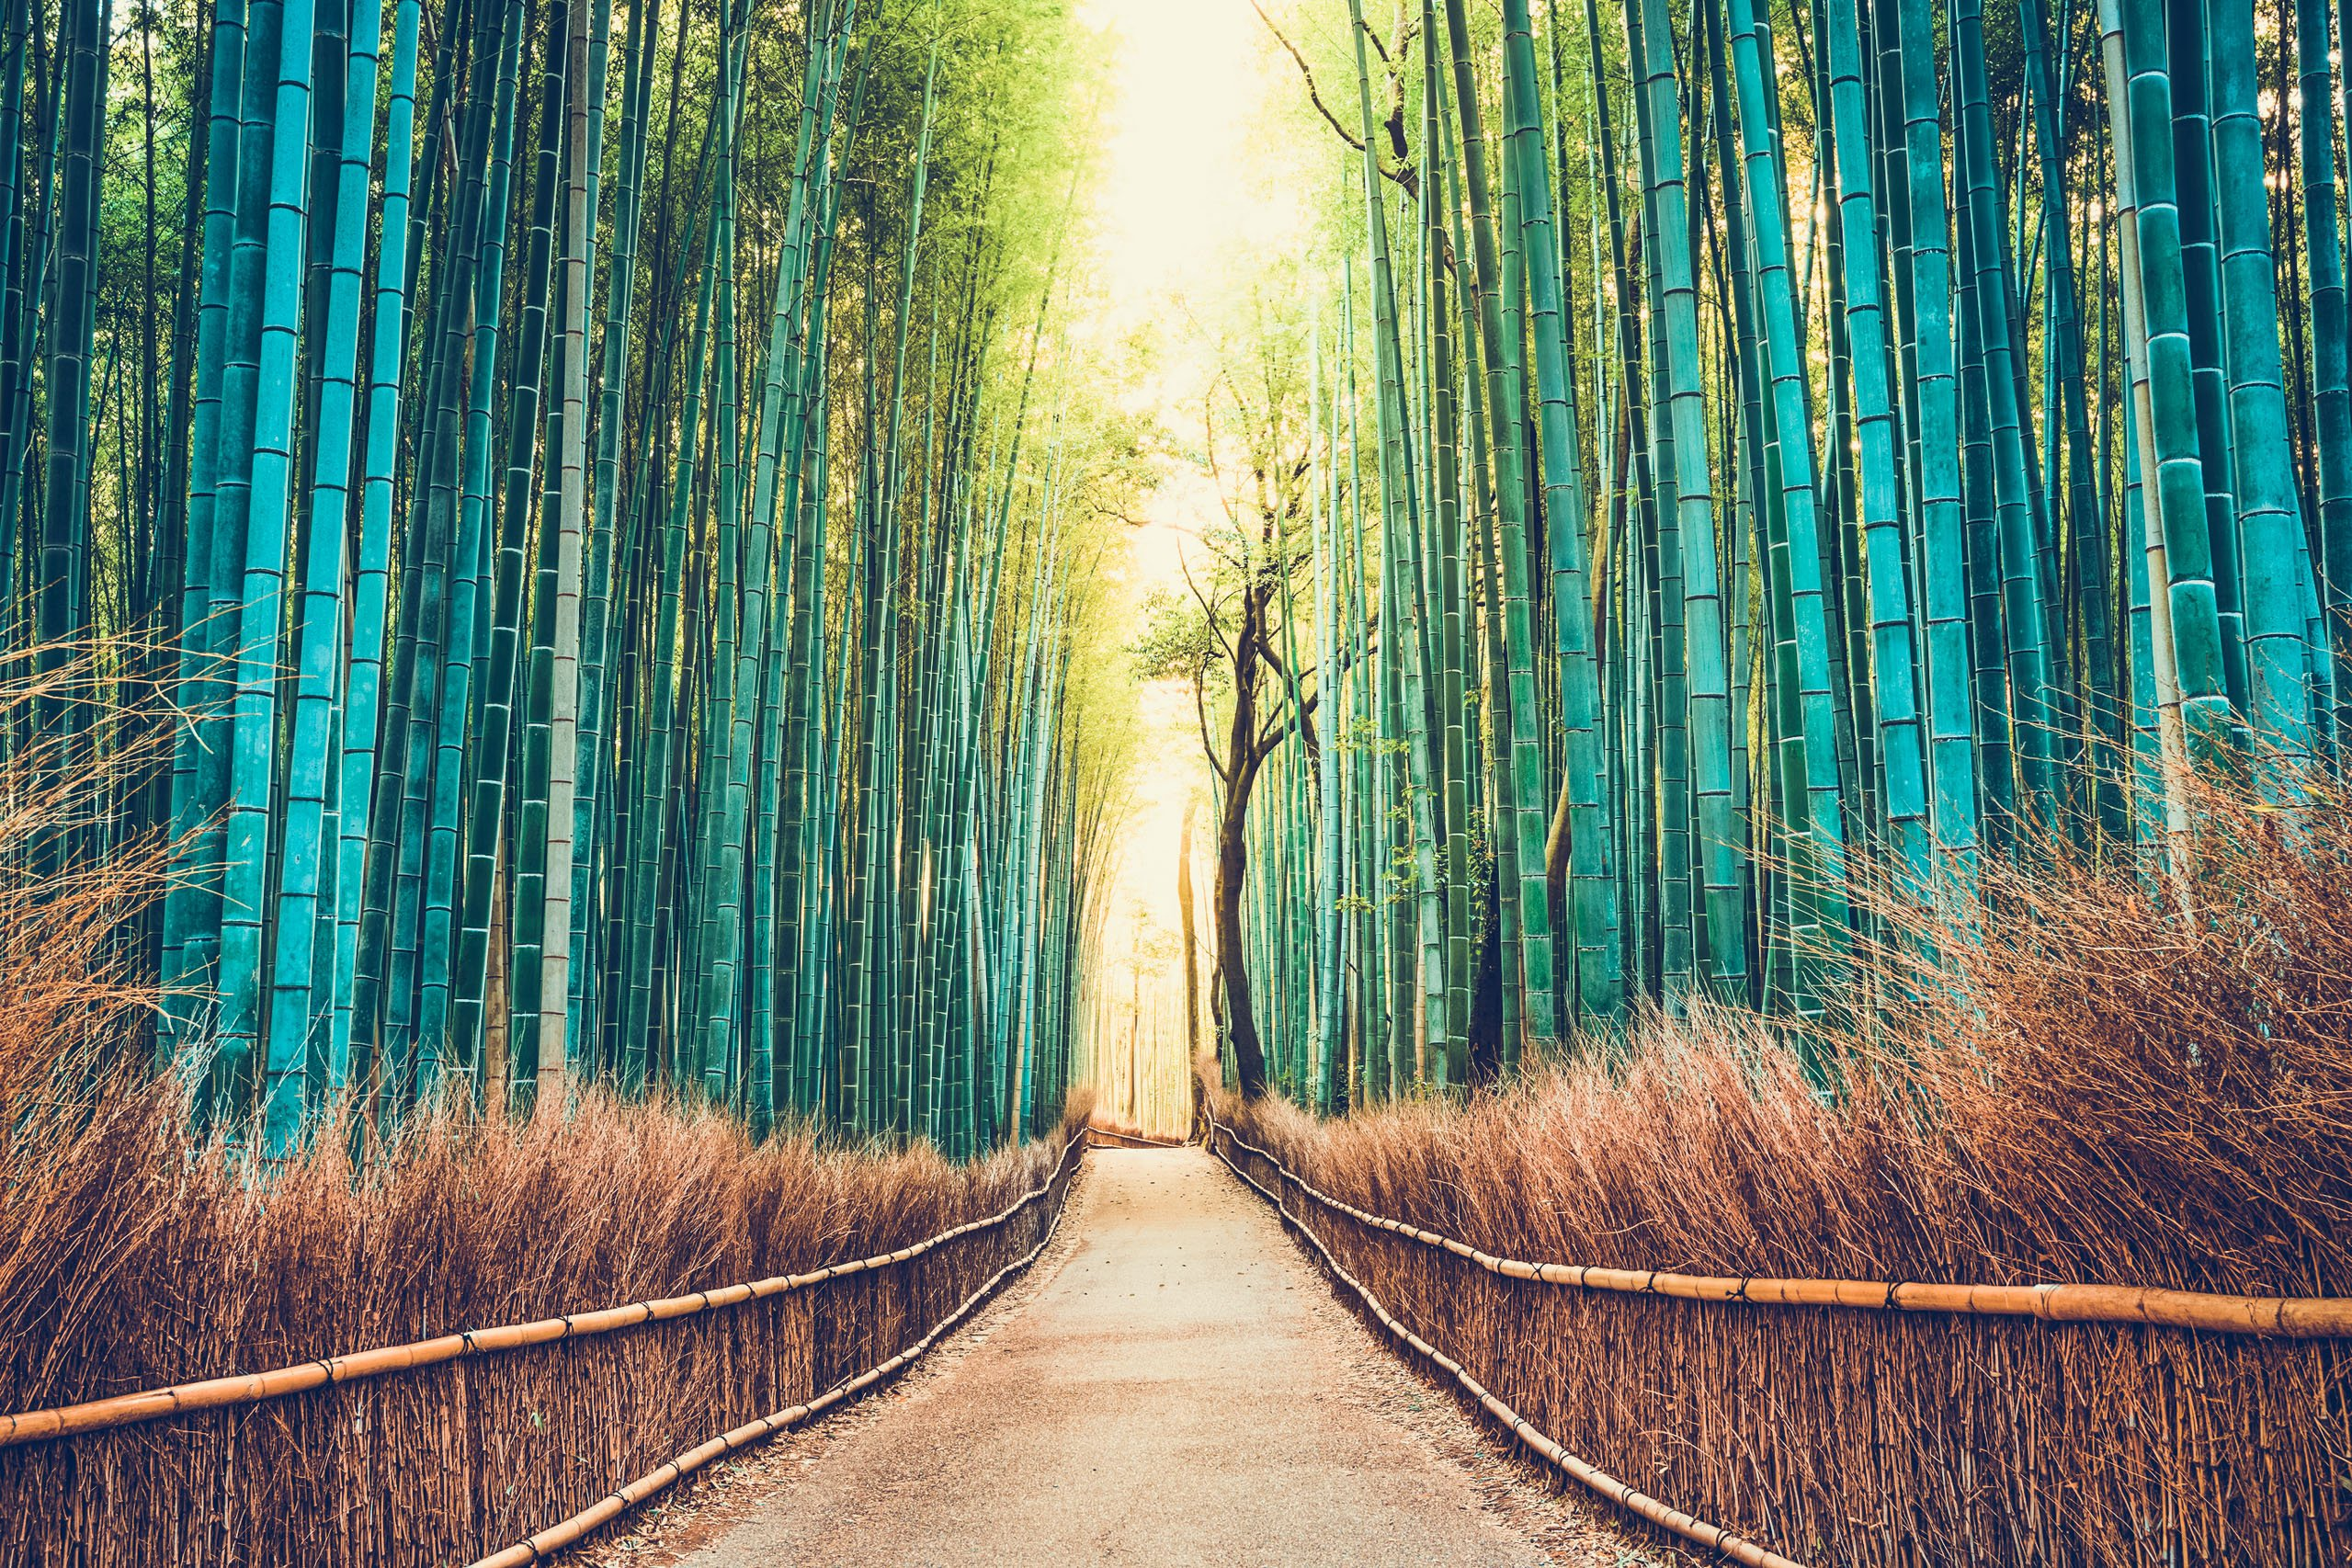 Voyage de groupe japon tradition explorateur explorateur voyages